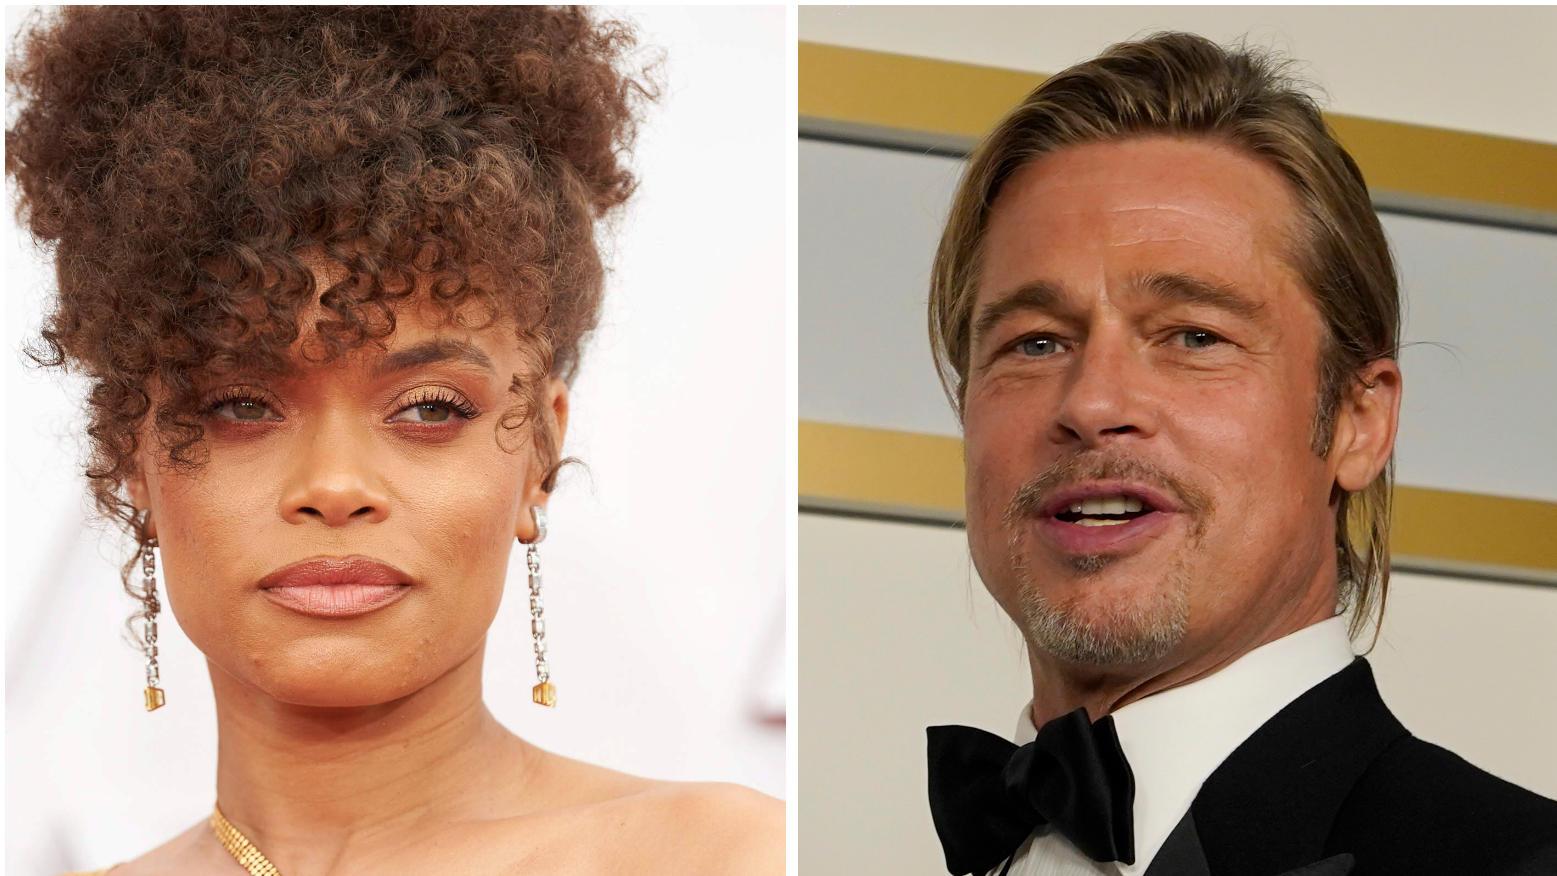 Um Andra Day und Brad Pitt kursieren Liebesgerüchte.